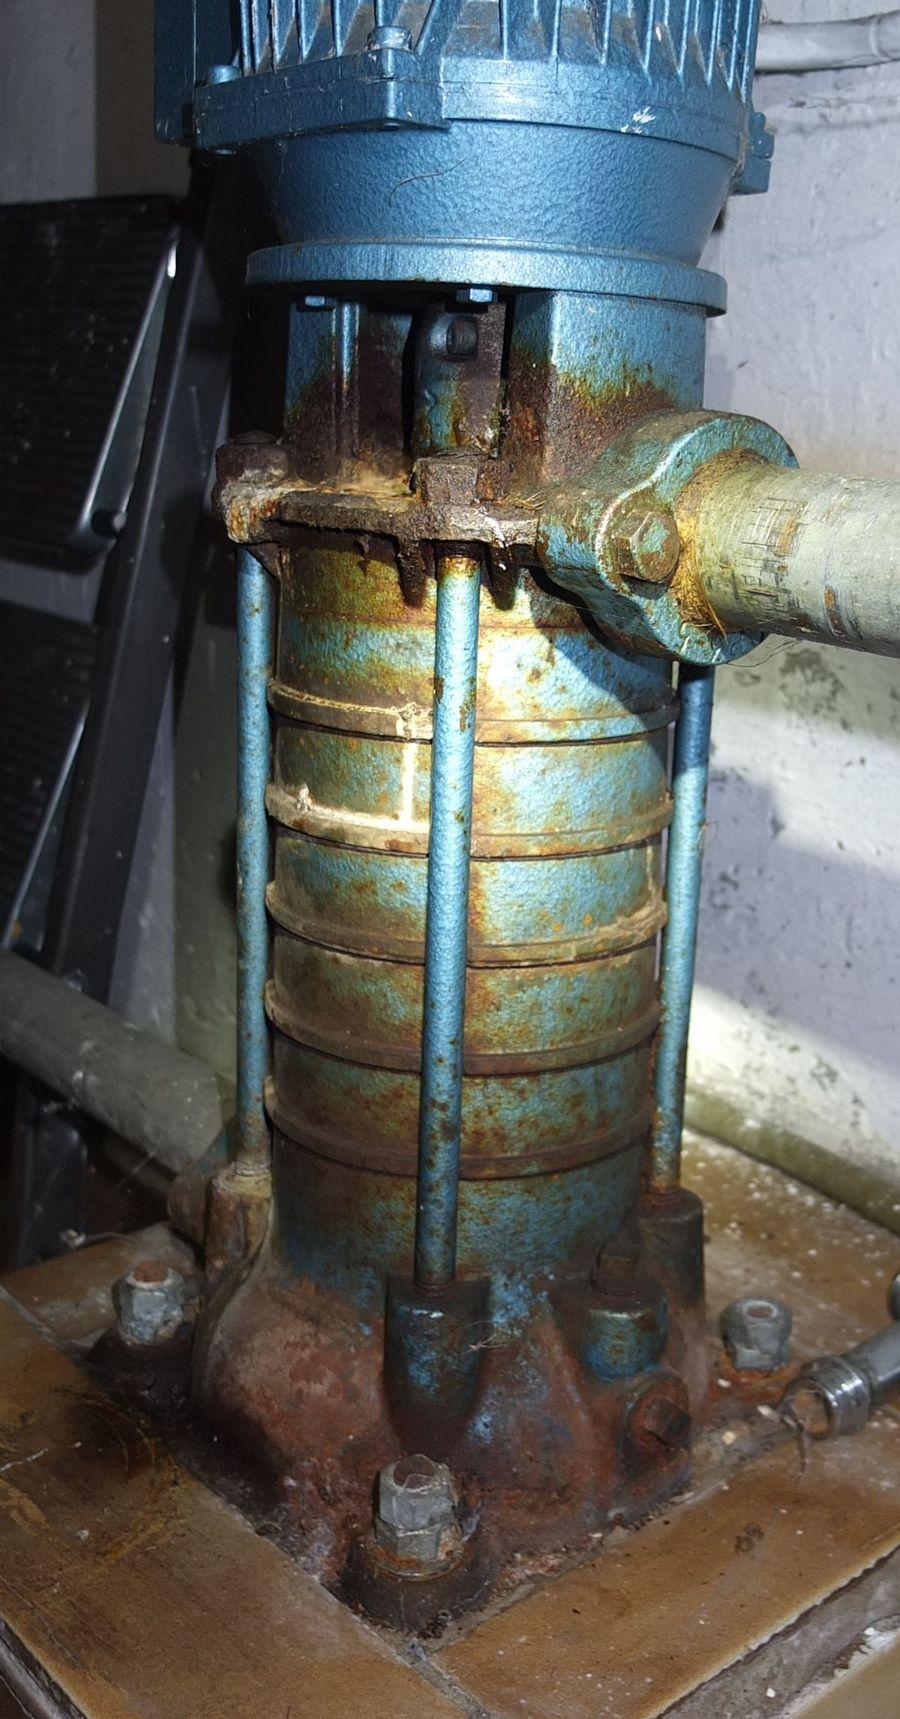 Super Hauswasserwerk - es kommt kein Wasser von der Pumpe IG09